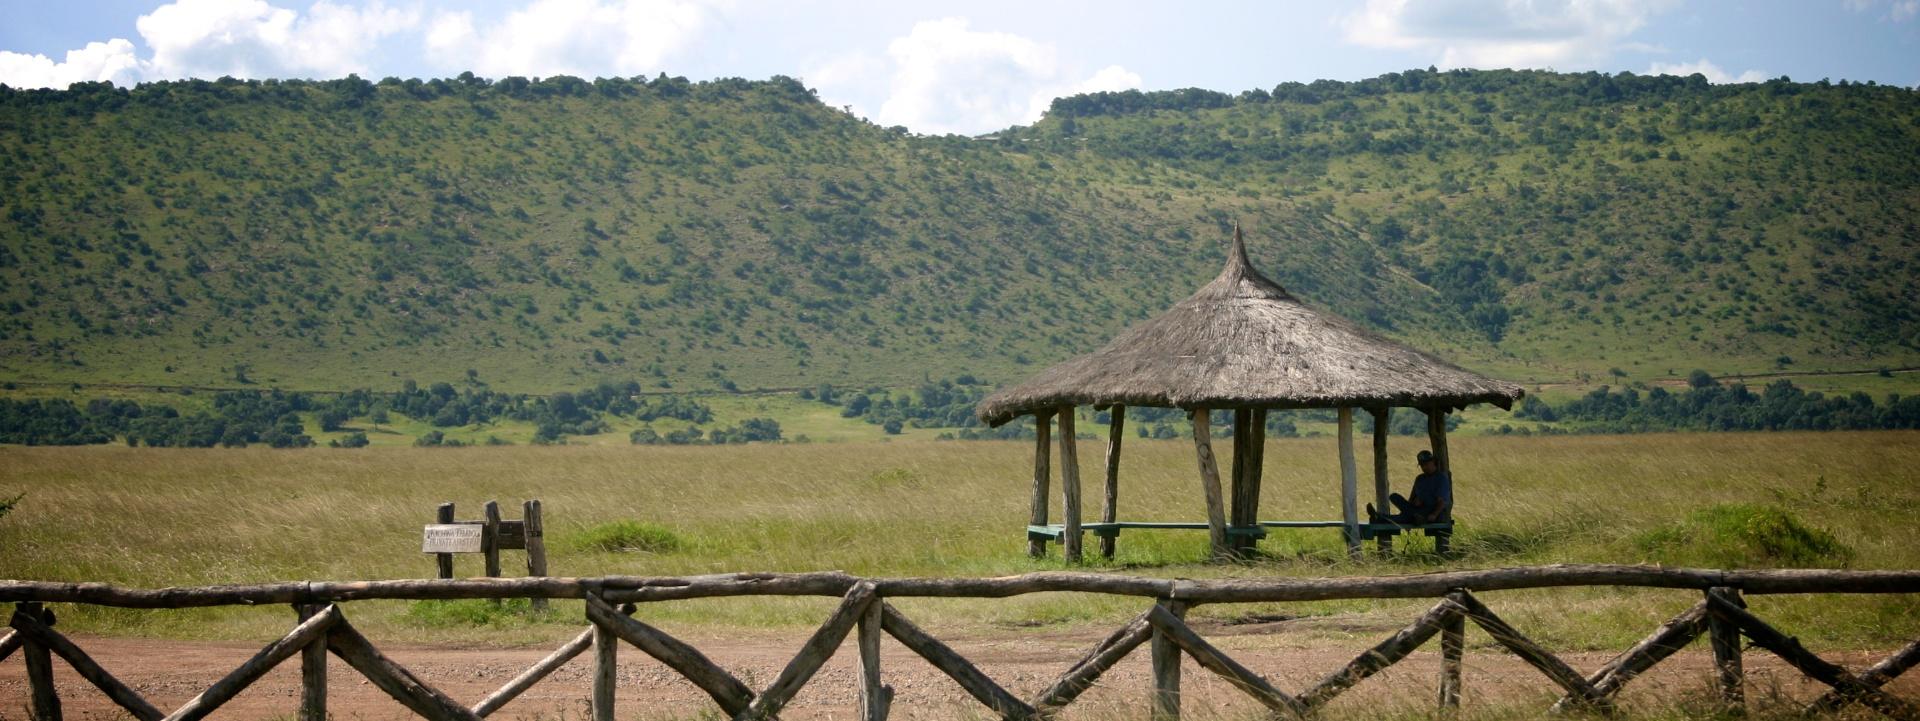 Kitchwa Tembo Landing Strip